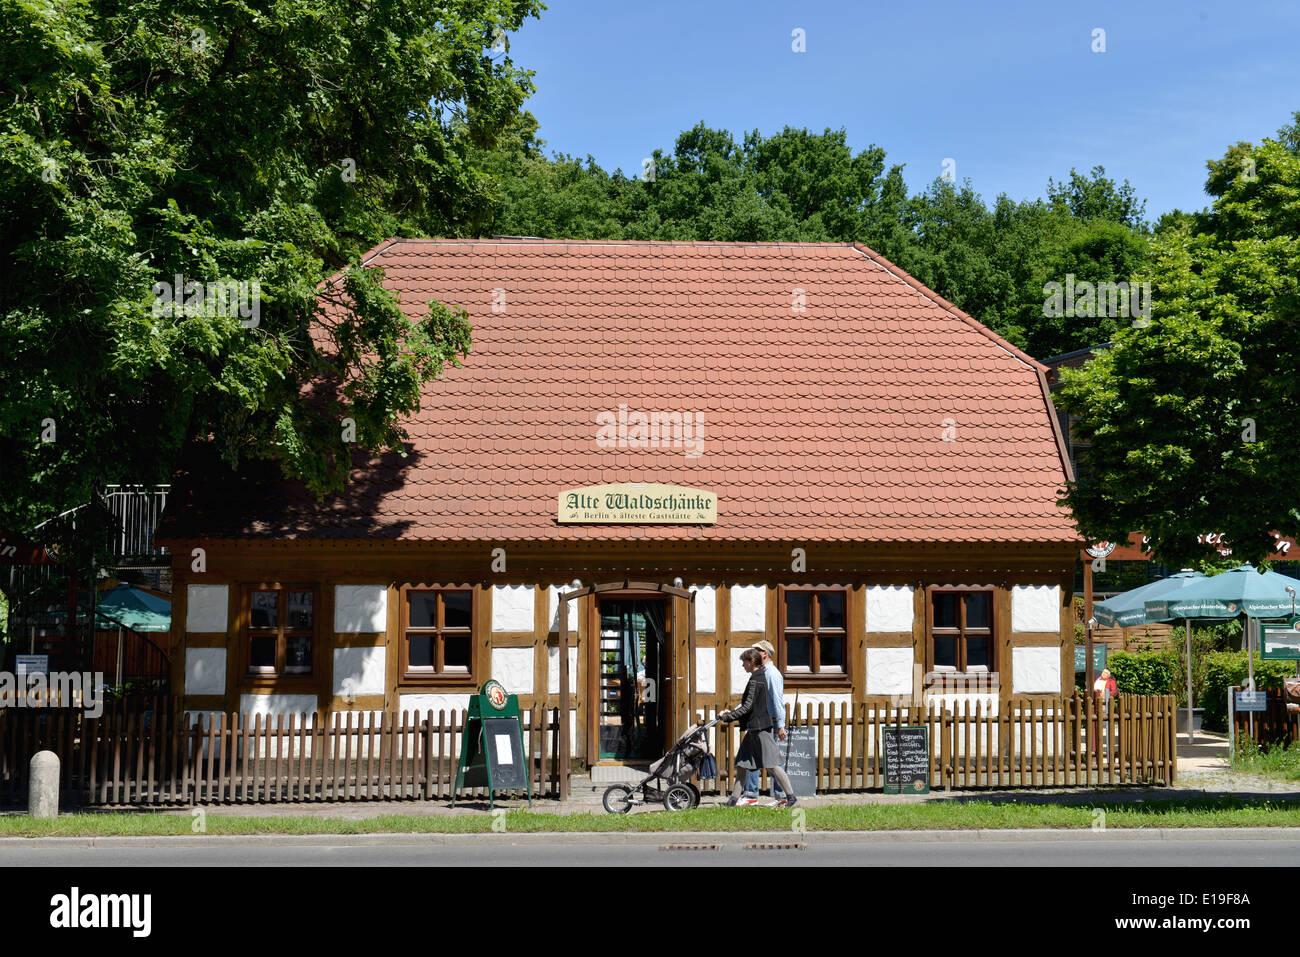 Waldschänke Stock Photos & Waldschänke Stock Images - Alamy